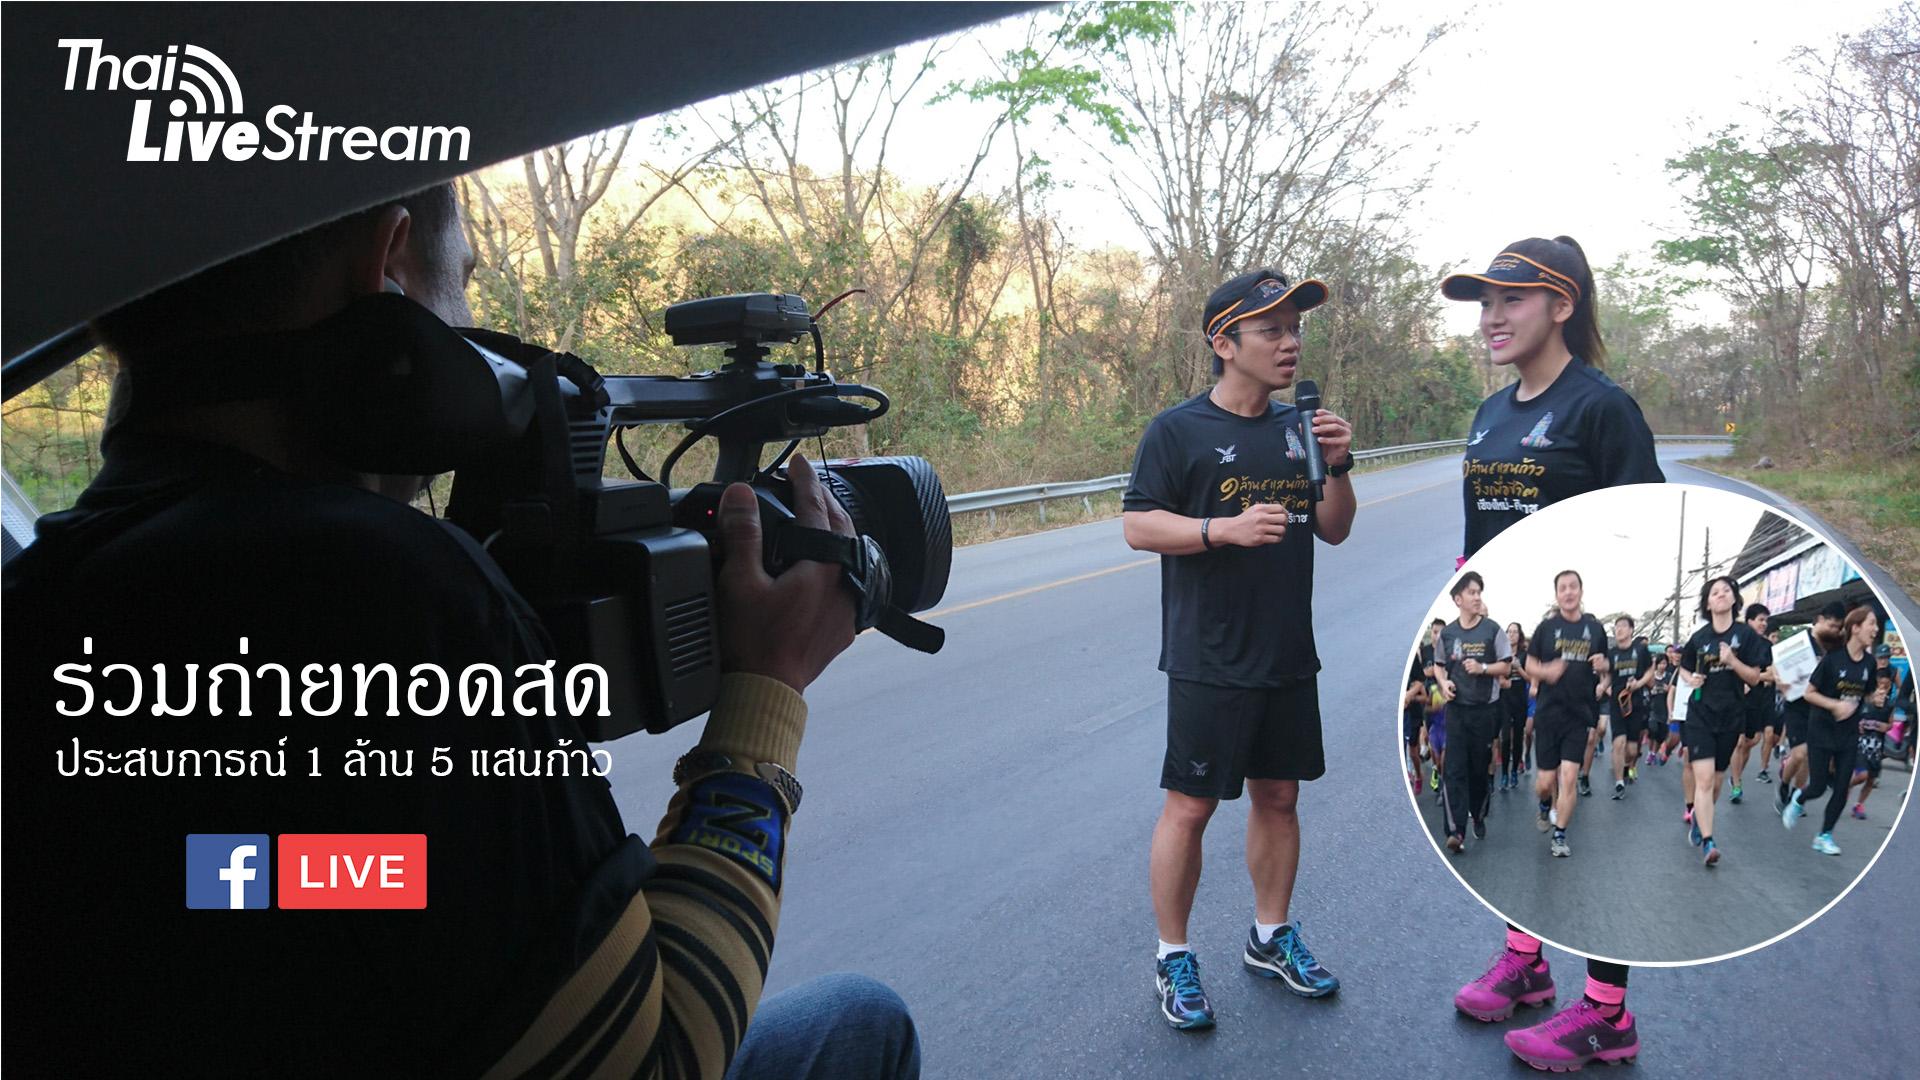 Thai Livestream Live of Life กับโครงการ 1 ล้าน 5 แสนก้าววิ่งเพื่อชีวิต